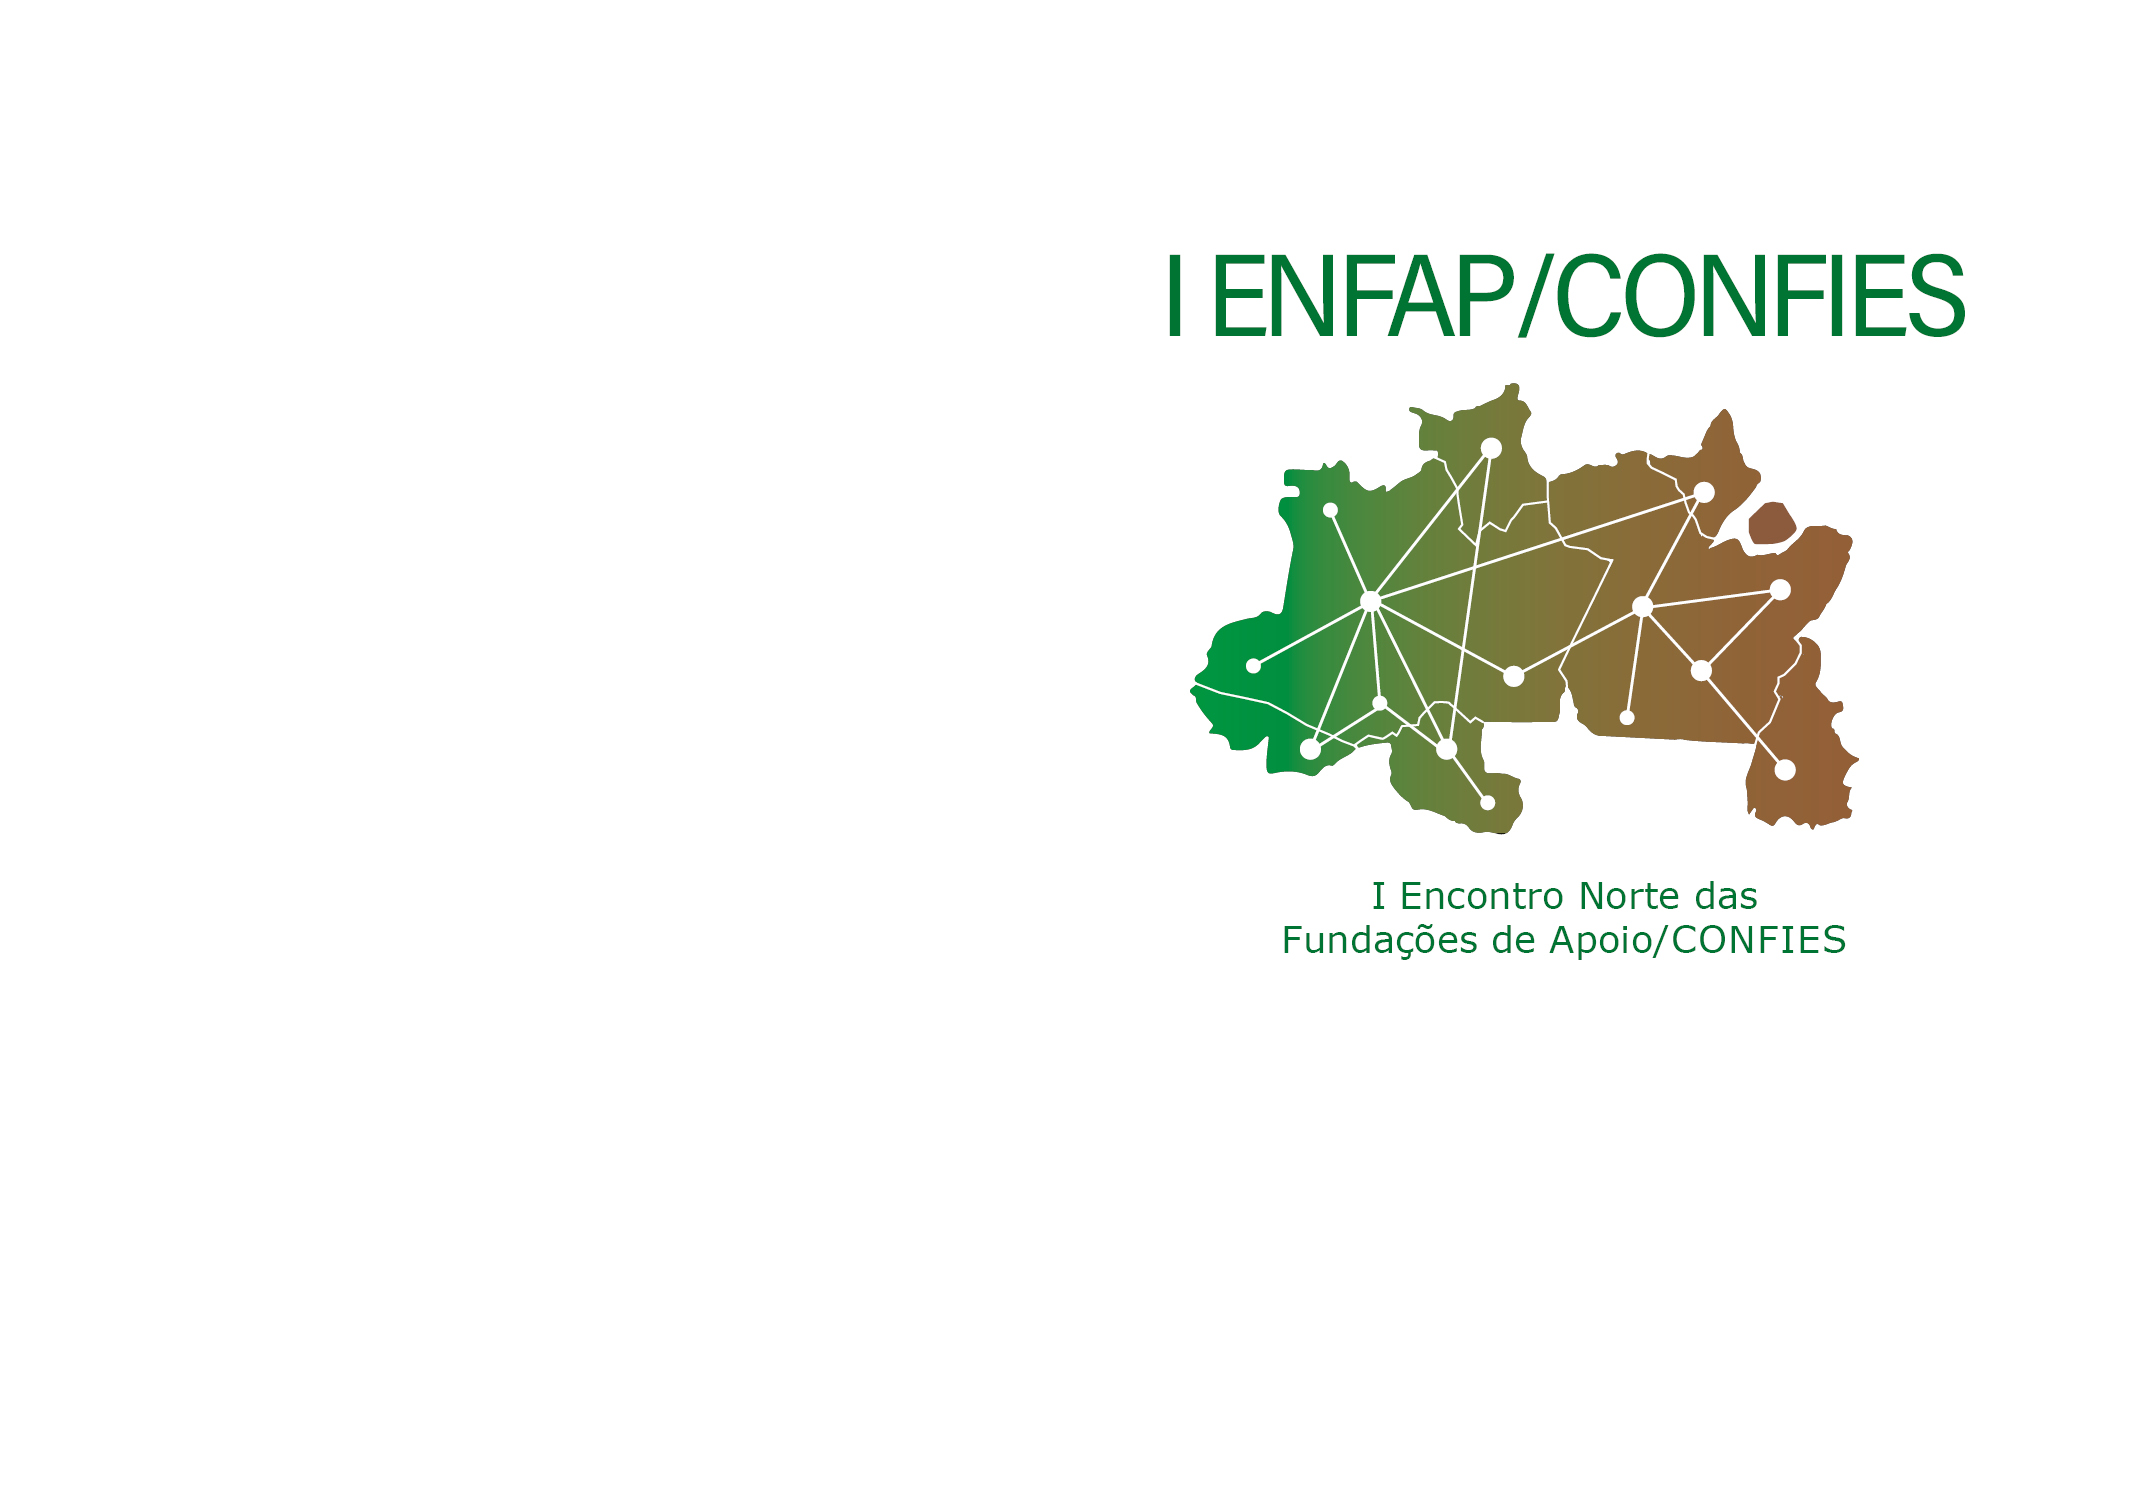 I Encontro Norte das Fundações de Apoio/CONFIES já tem data confirmada!